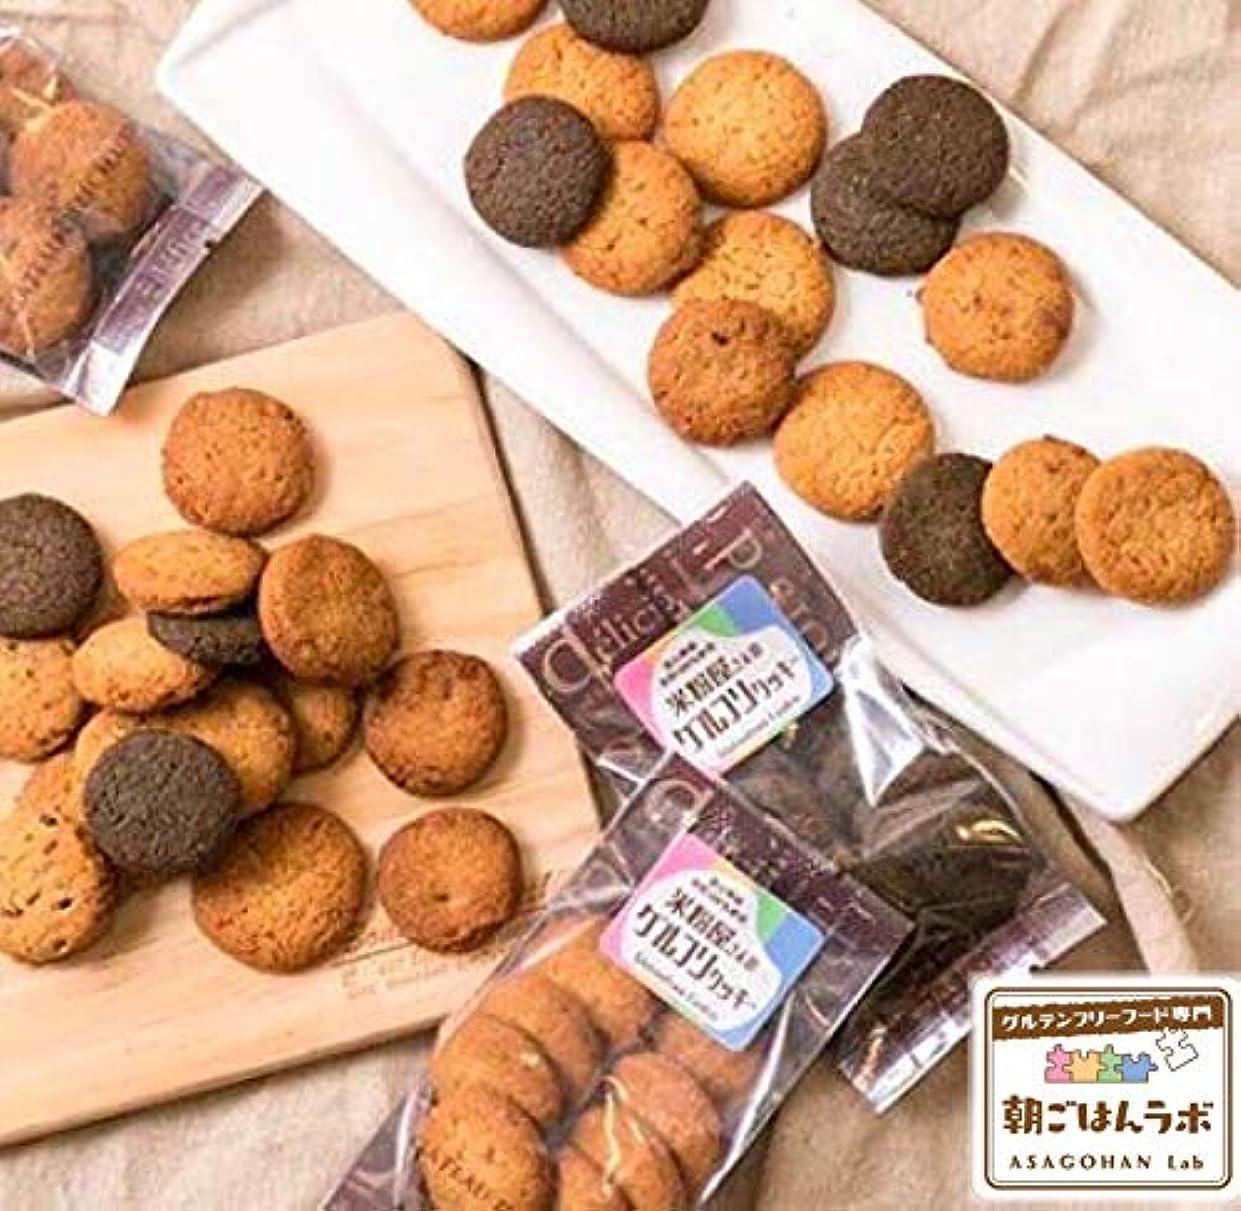 かりて松の木アラブサラボ米粉屋さんのグルフリクッキー  (小袋 8袋) グルテンフリー 朝ごはんラボ